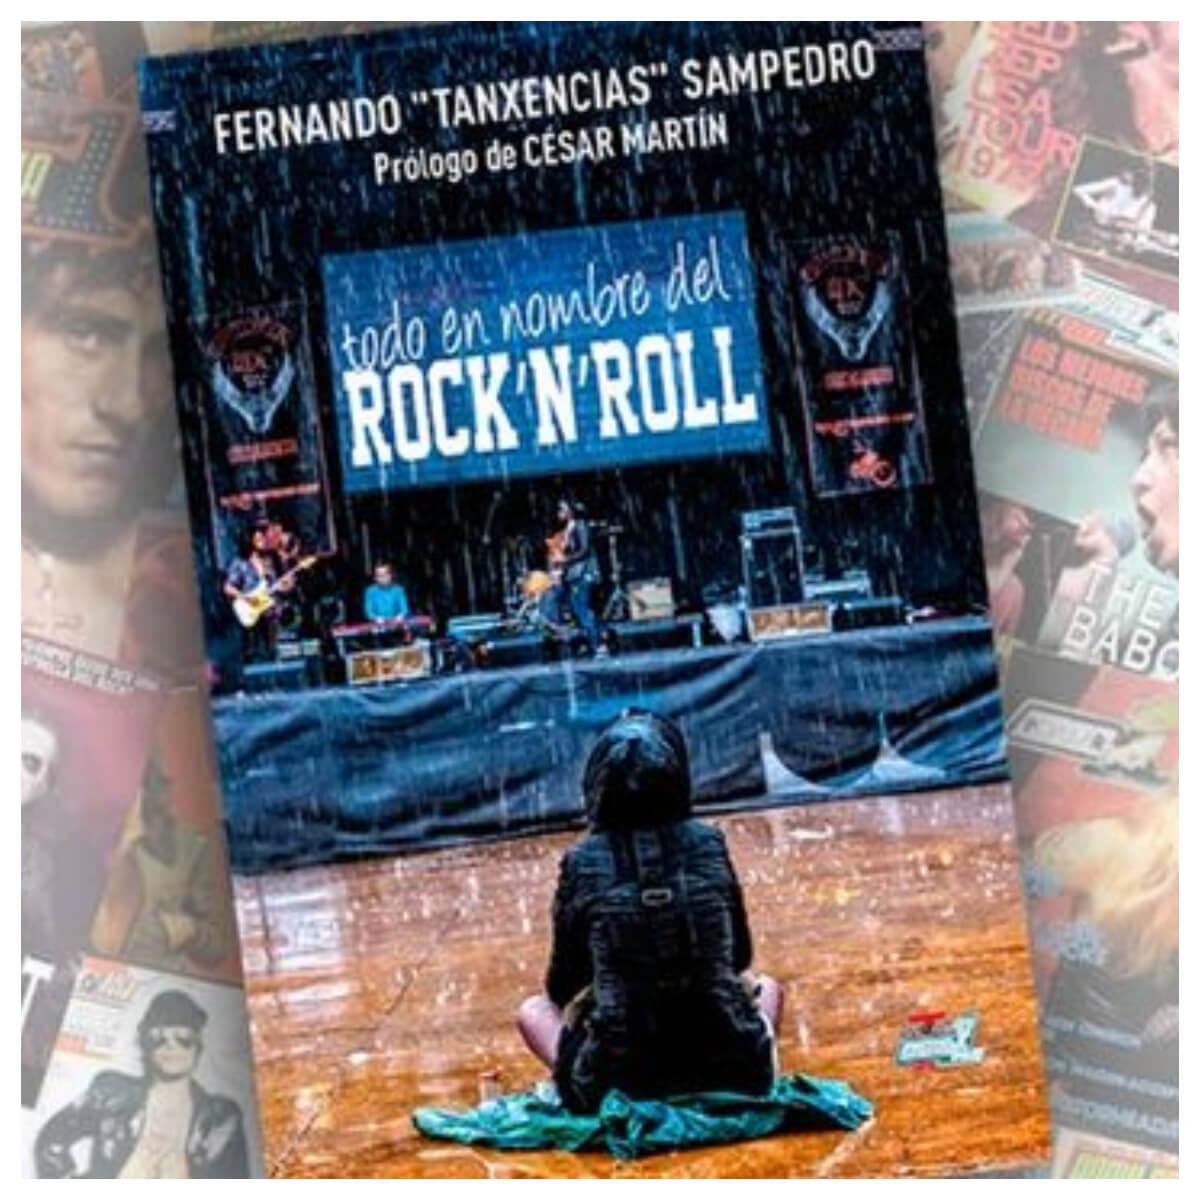 todo-en-el-nombre-del-rock-and-roll-fernando-tanxencias-la-gran-travesia-radio-free-rock